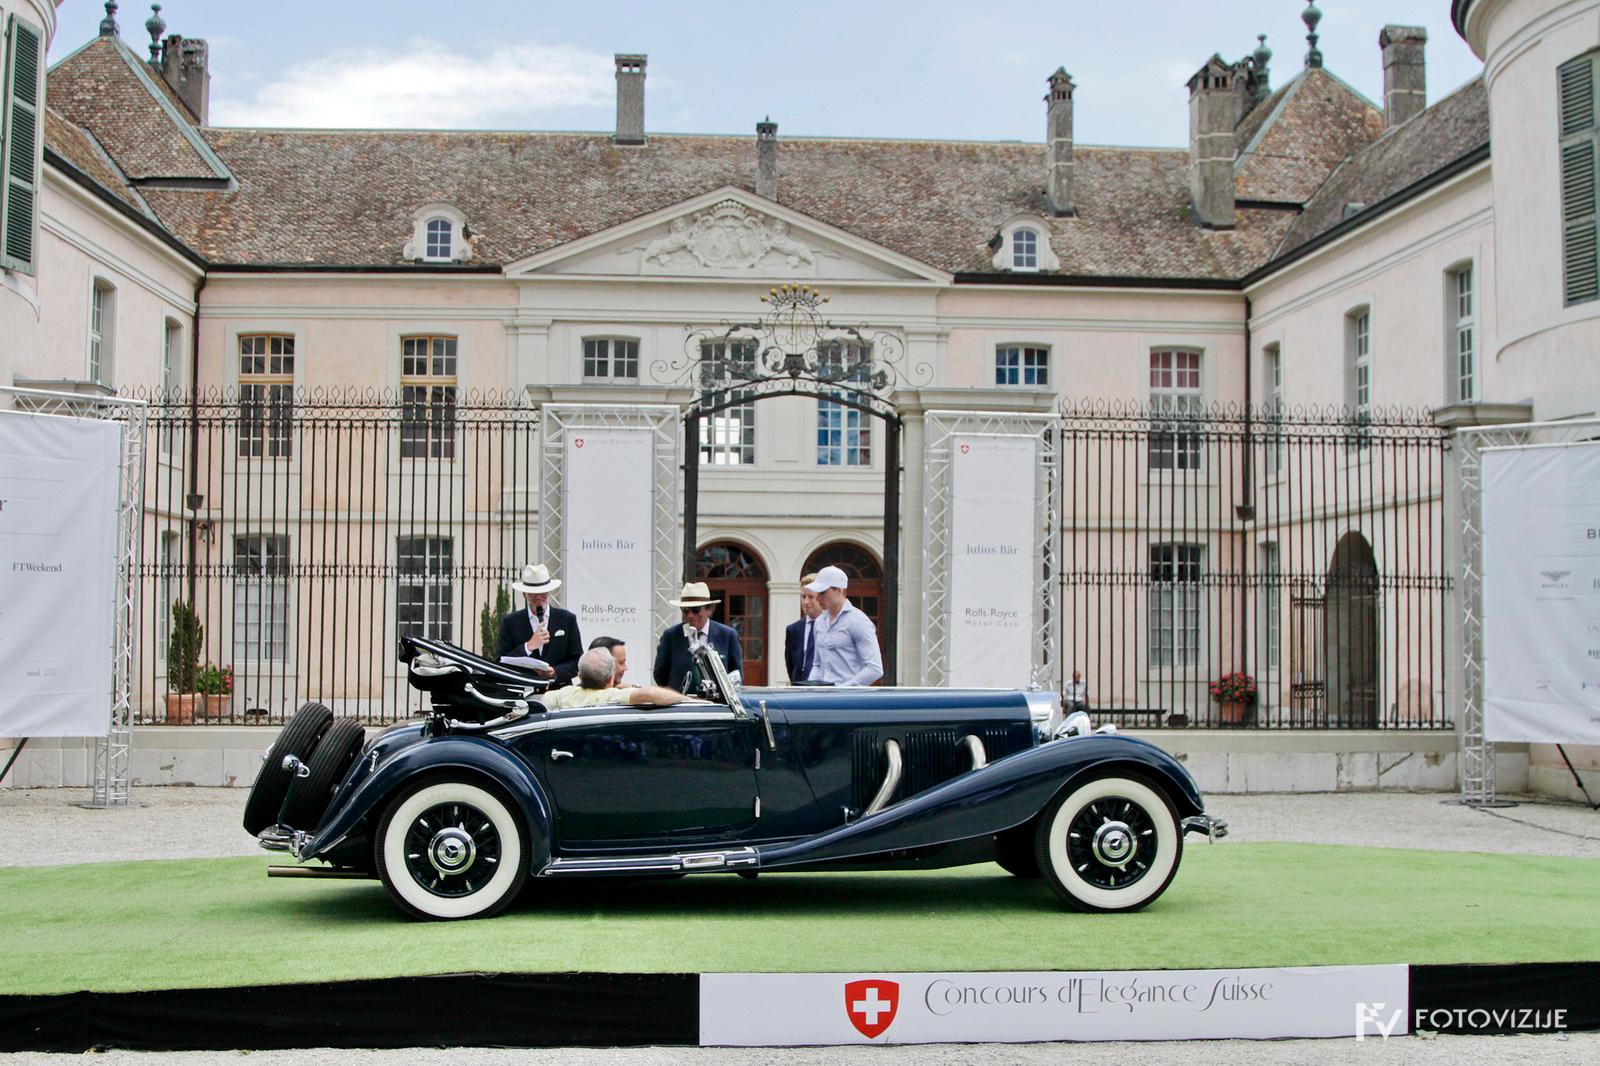 Concours d'Elegance Suisse 2018